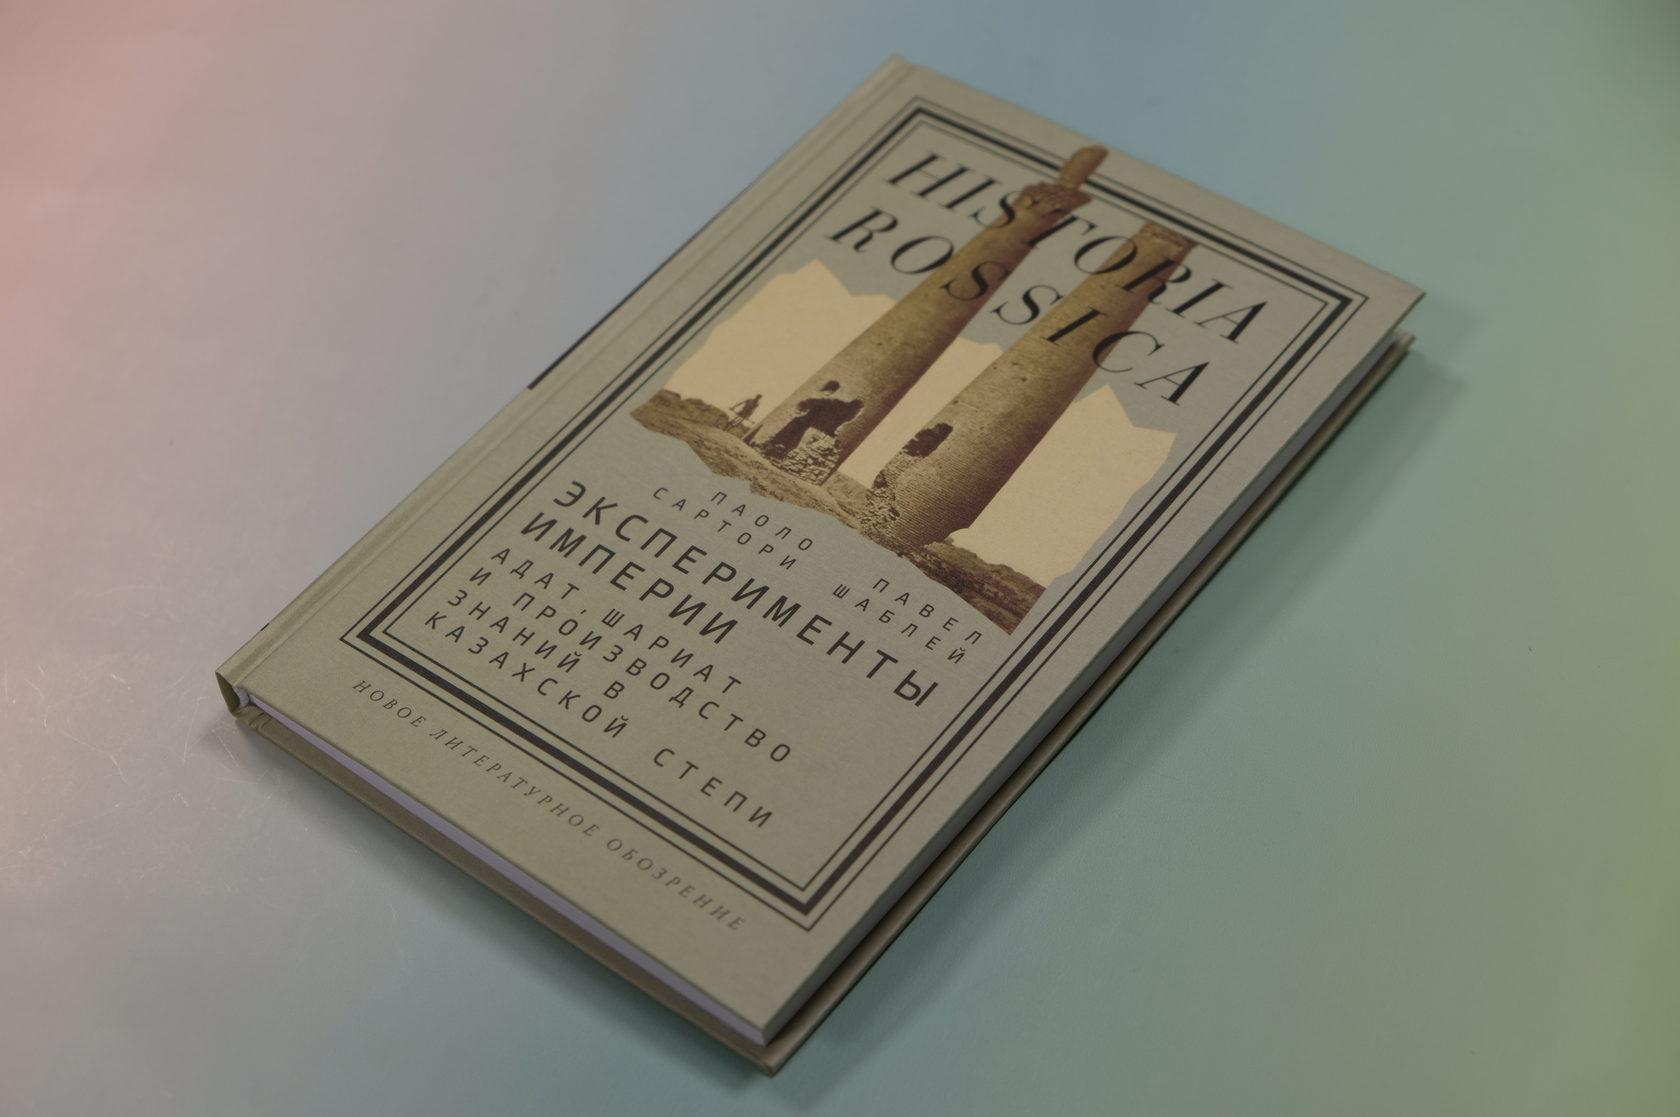 Сартори Паоло, Шаблей Павел «Эксперименты империи. Адат, шариат и производство знаний в Казахской степи» 978-5-4448-1145-0